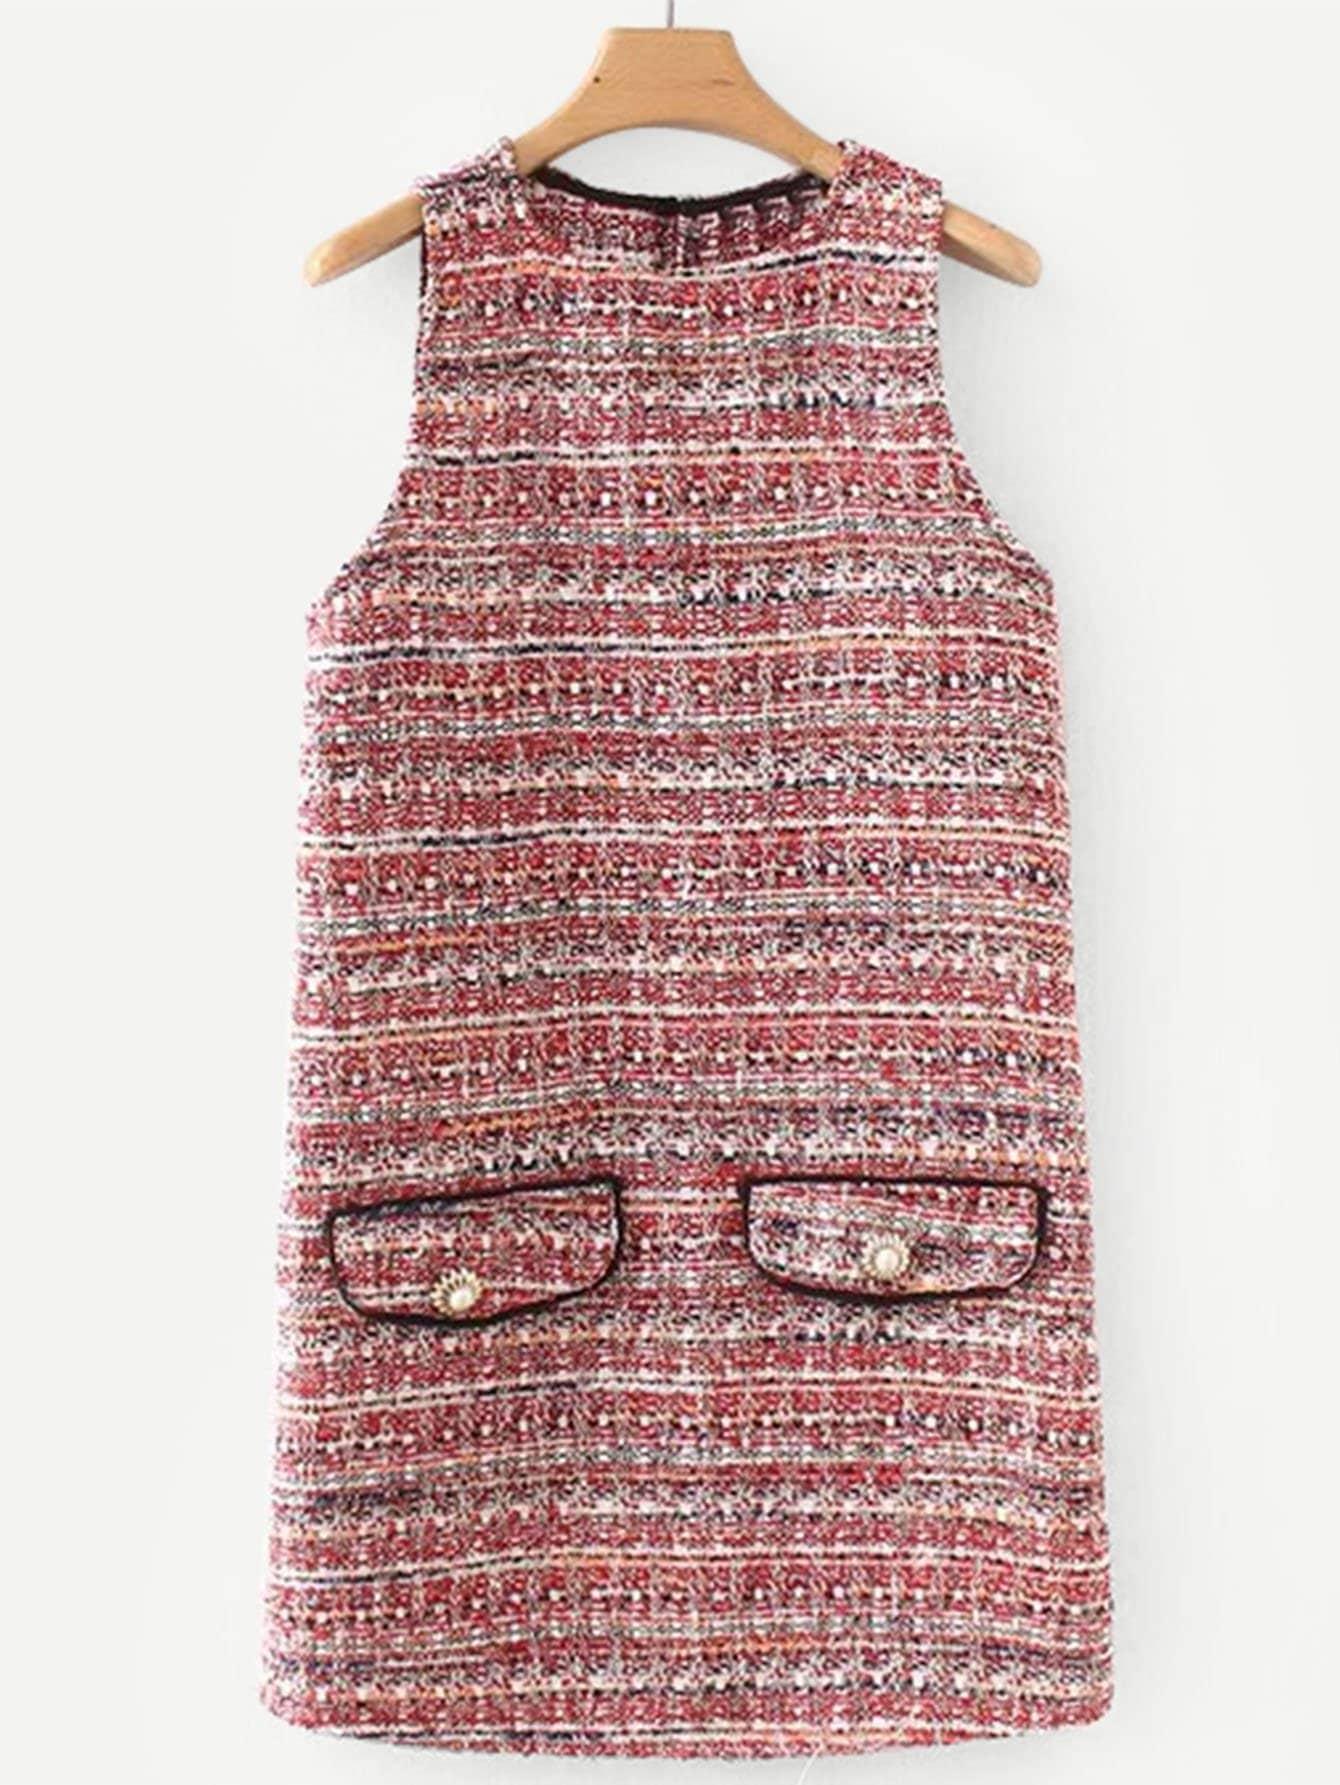 Платье из твида, null, SheIn  - купить со скидкой